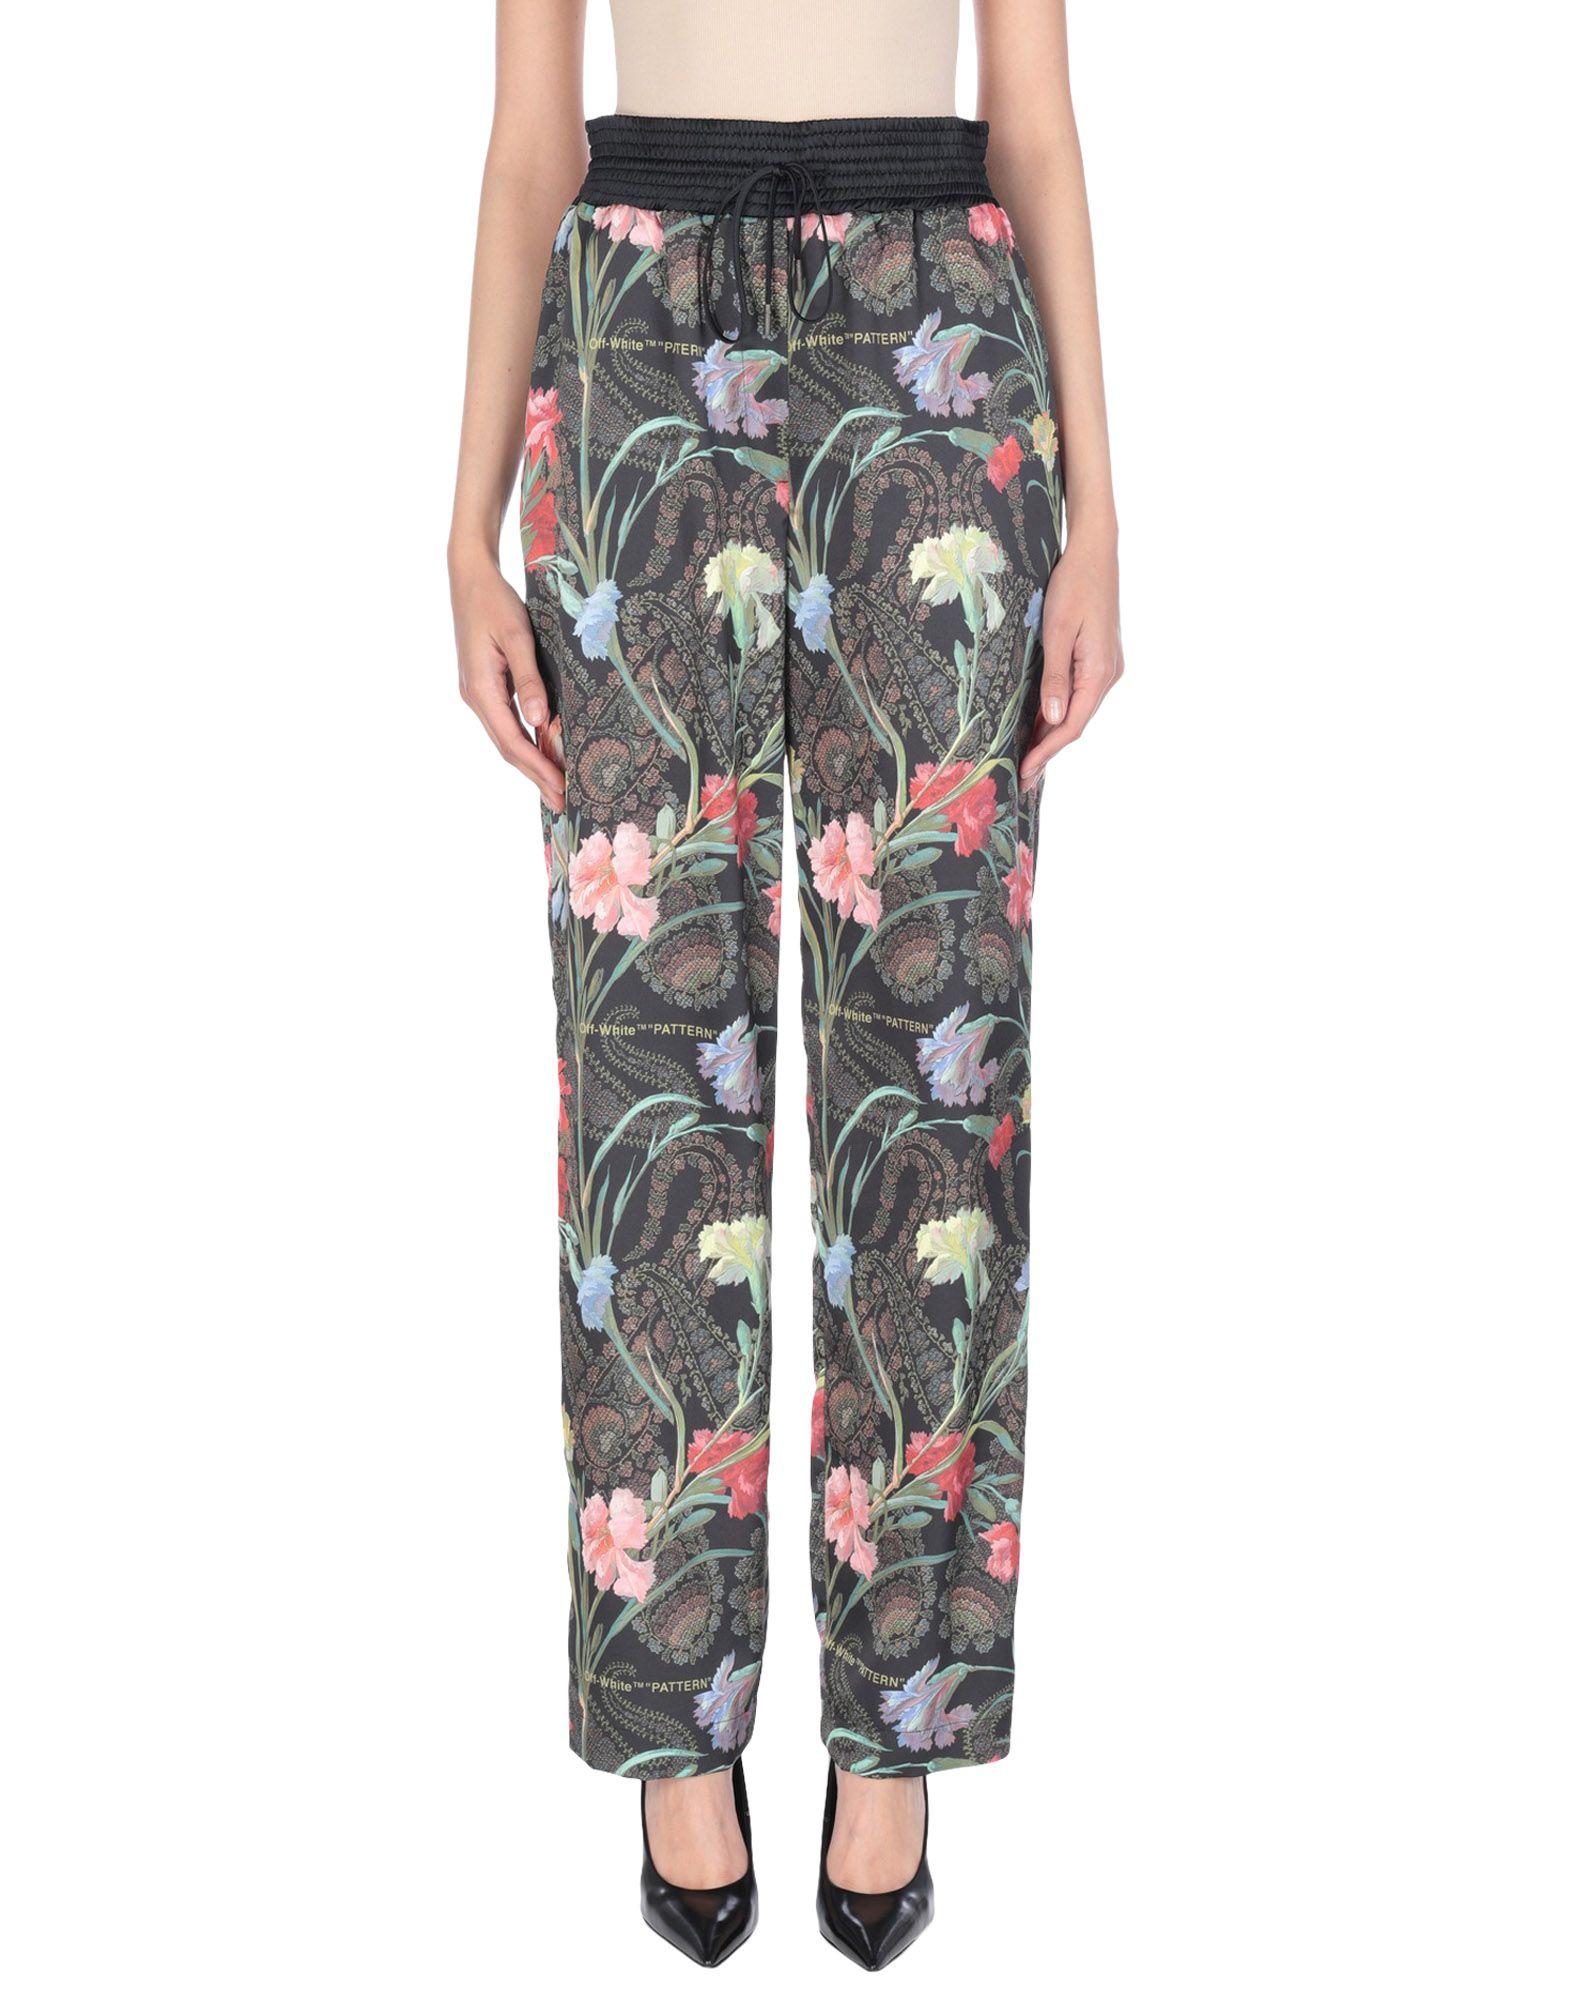 Pantalone Off-bianca™ Off-bianca™ donna - 13348790AD  Wählen Sie aus den neuesten Marken wie